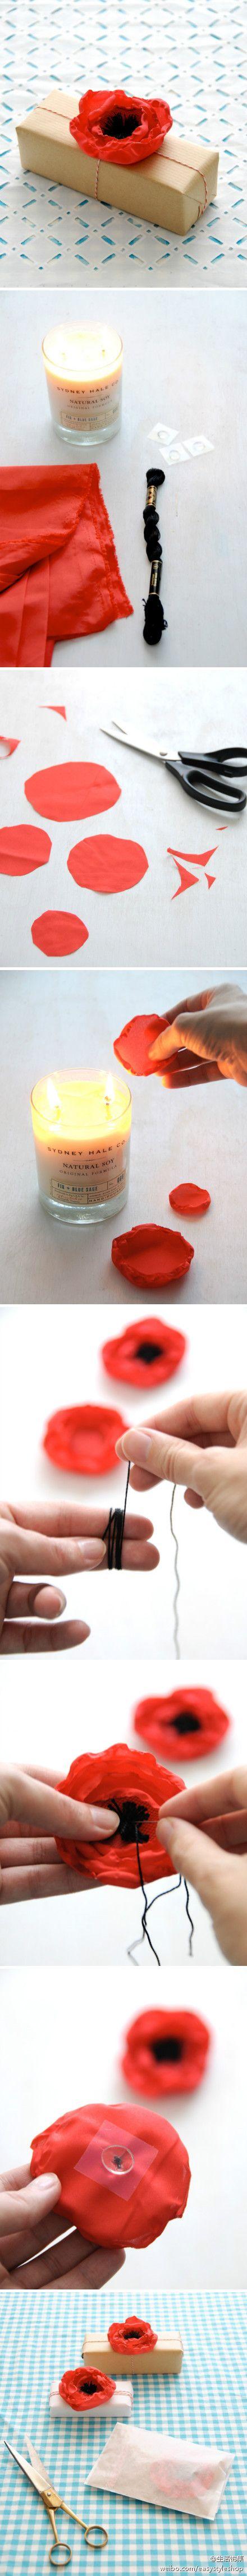 diy- Poppy flower for gift wrap